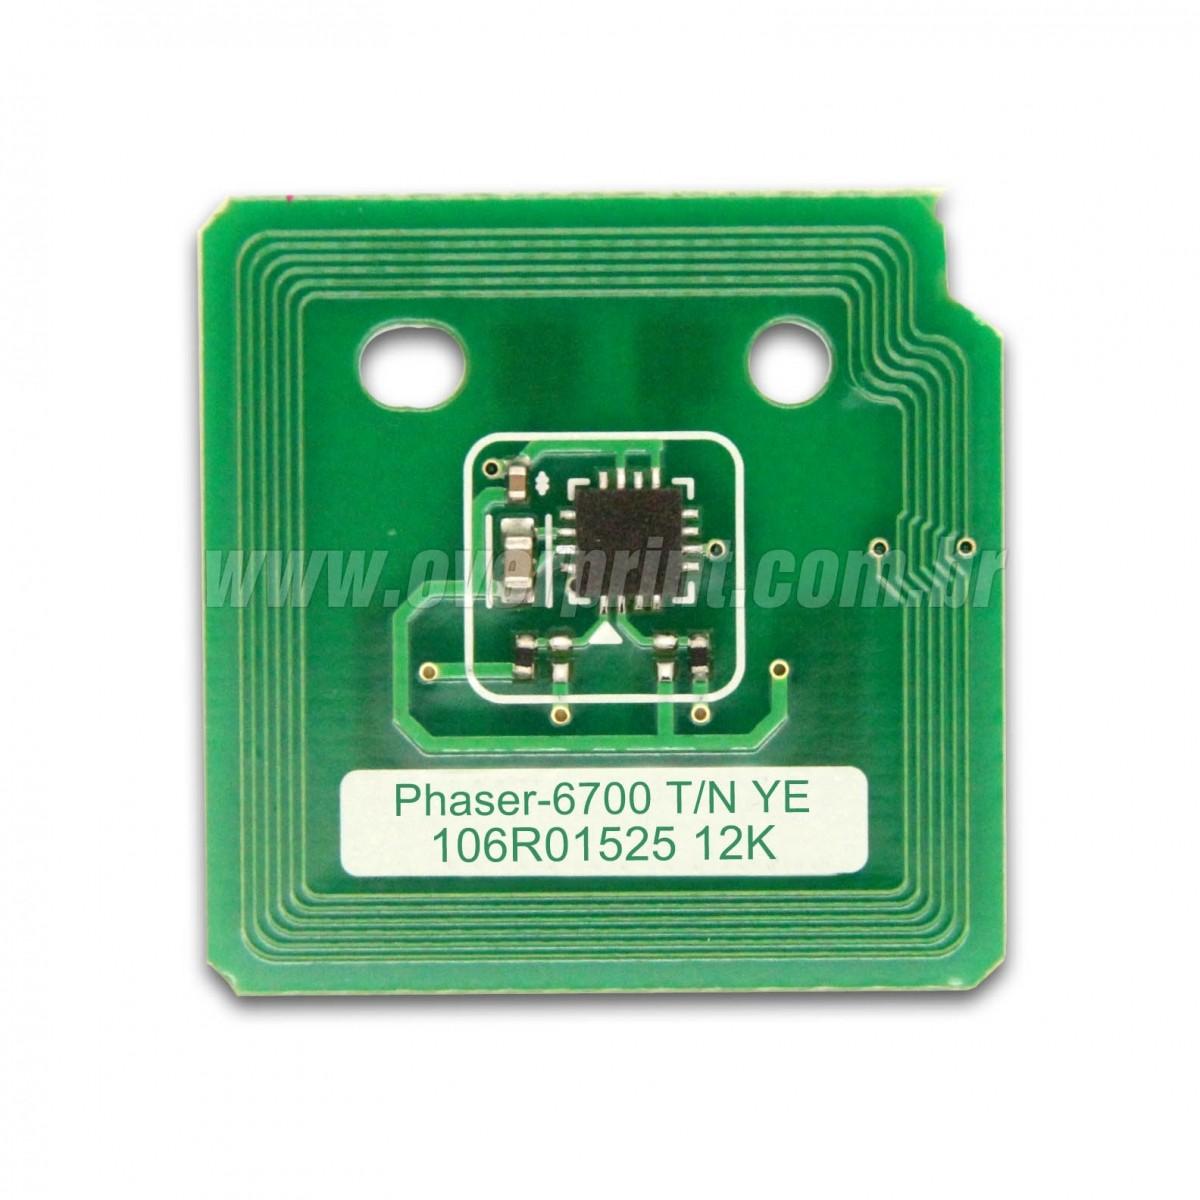 Chip Cartucho de Toner Xerox Phaser 6700 - Overprint